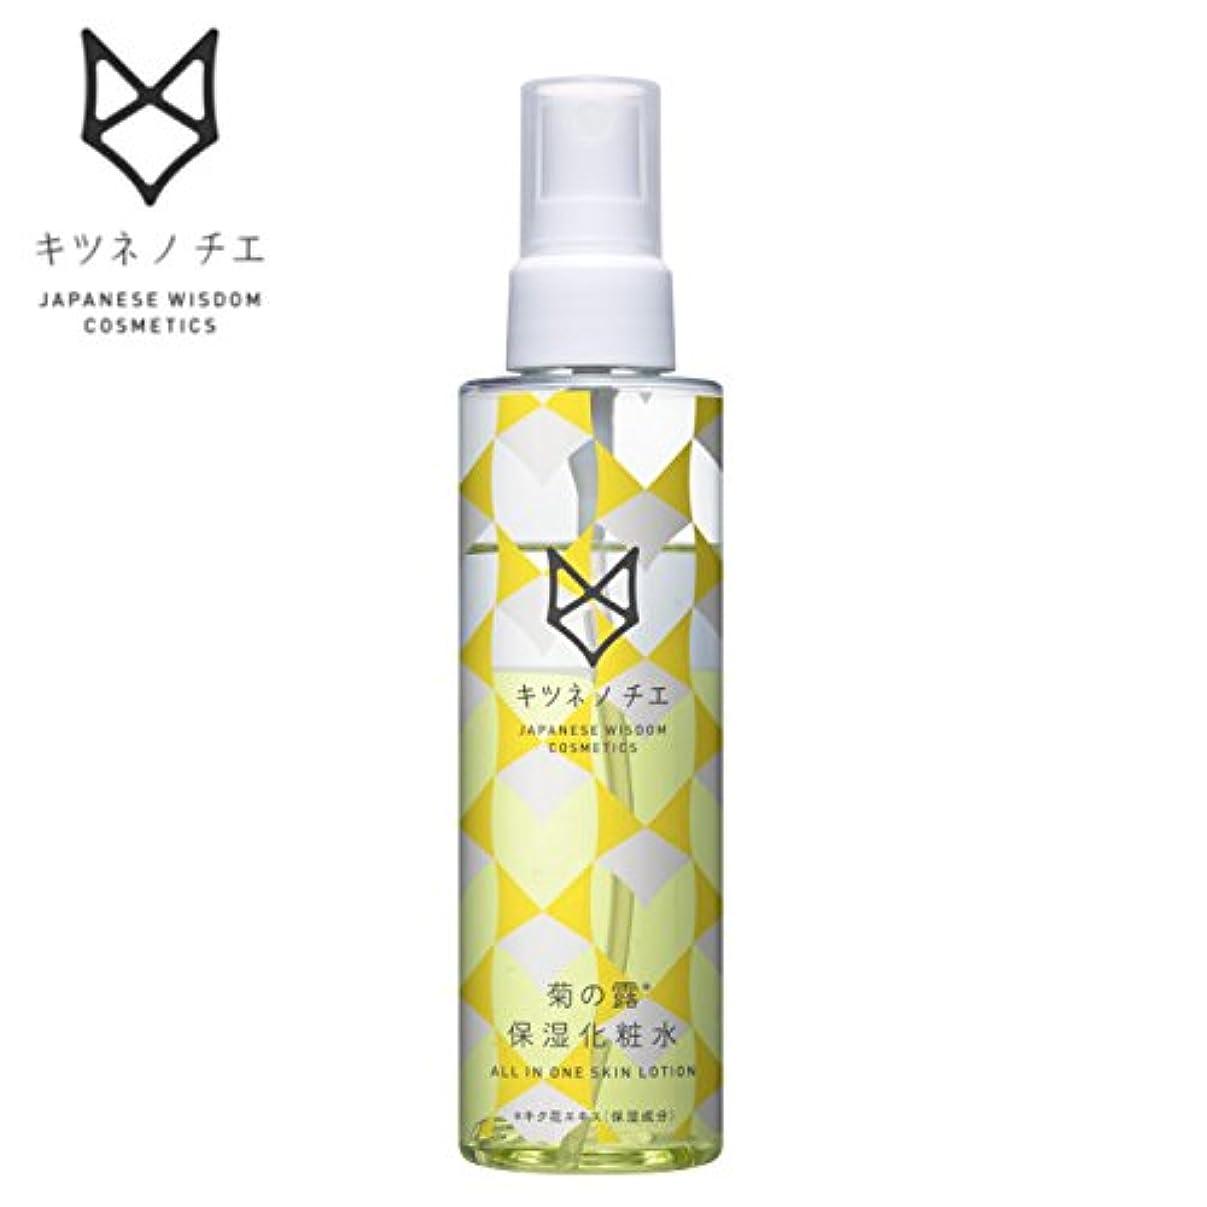 かき混ぜる折る祝福するキツネノチエ 菊の露 保湿化粧水 W44xD44xH172mm